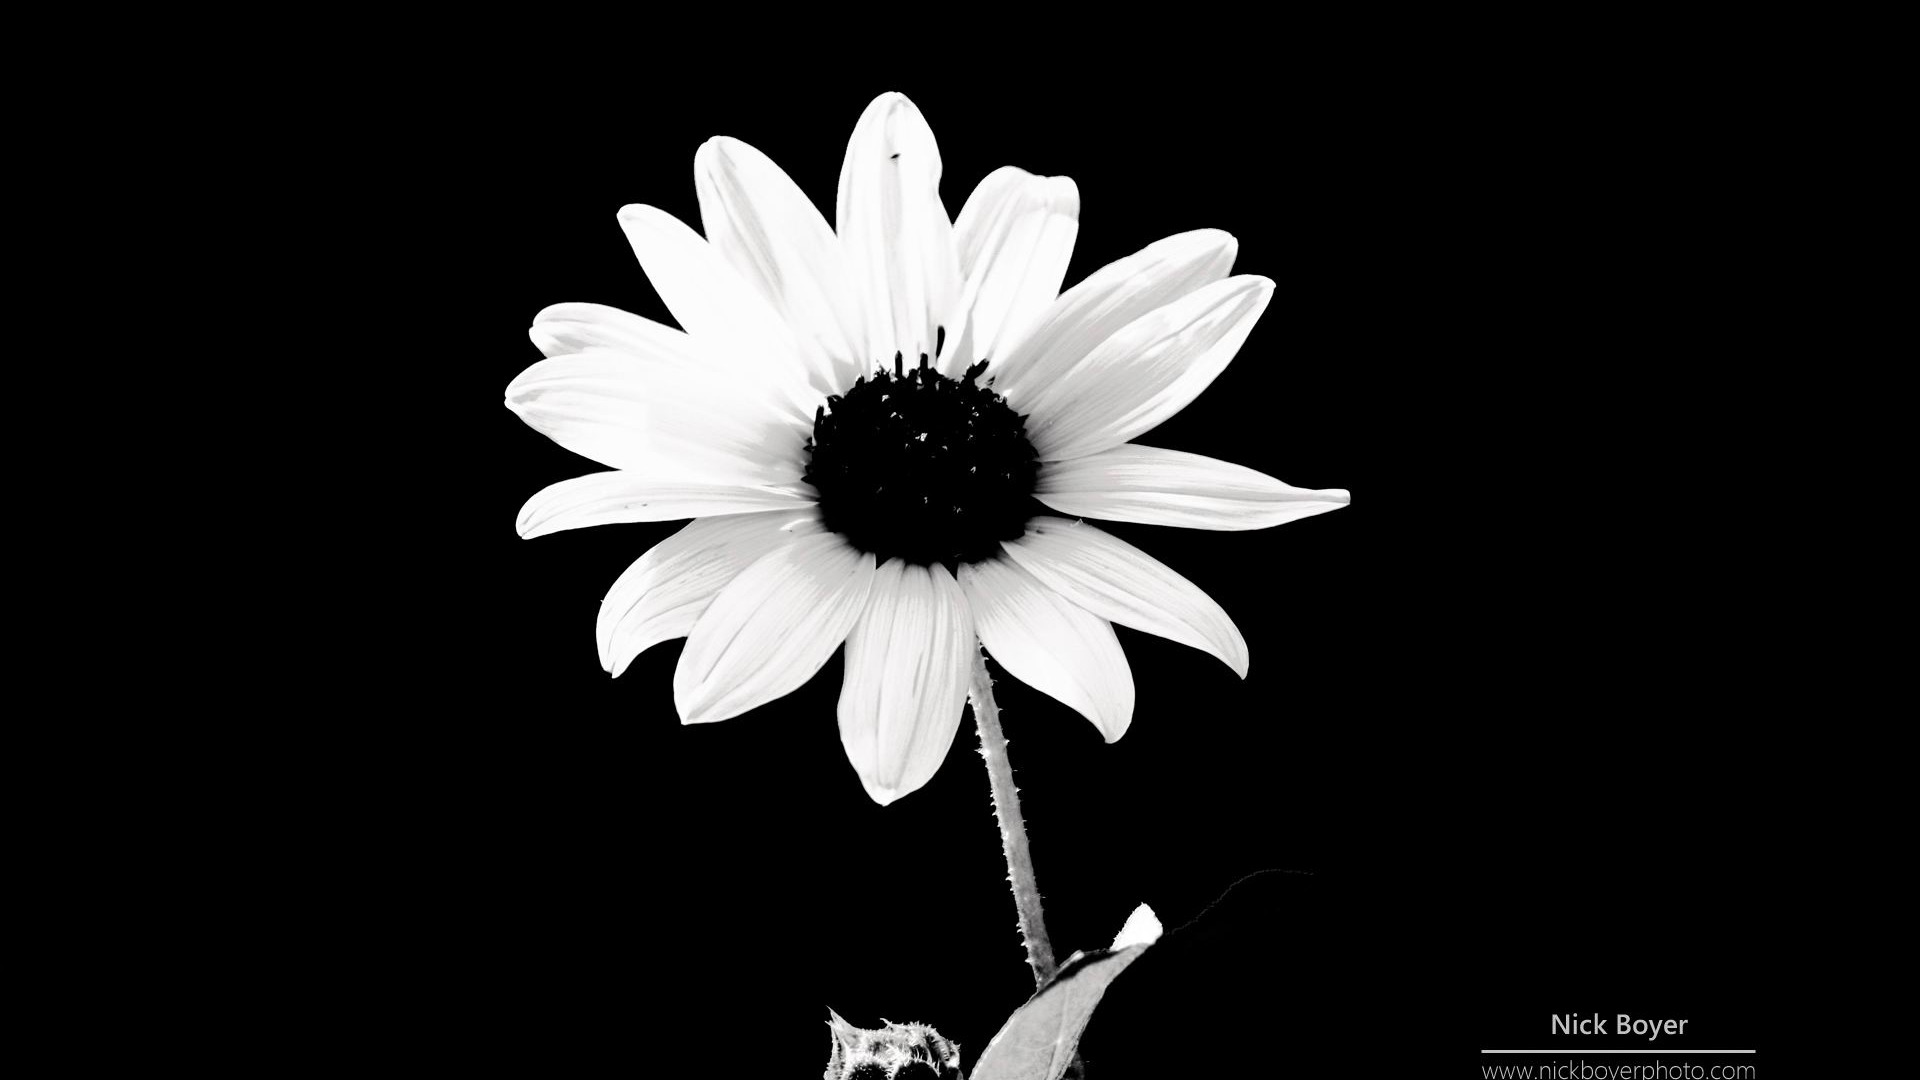 Daisy Flower Black And White Wallpaper marguerites noi...